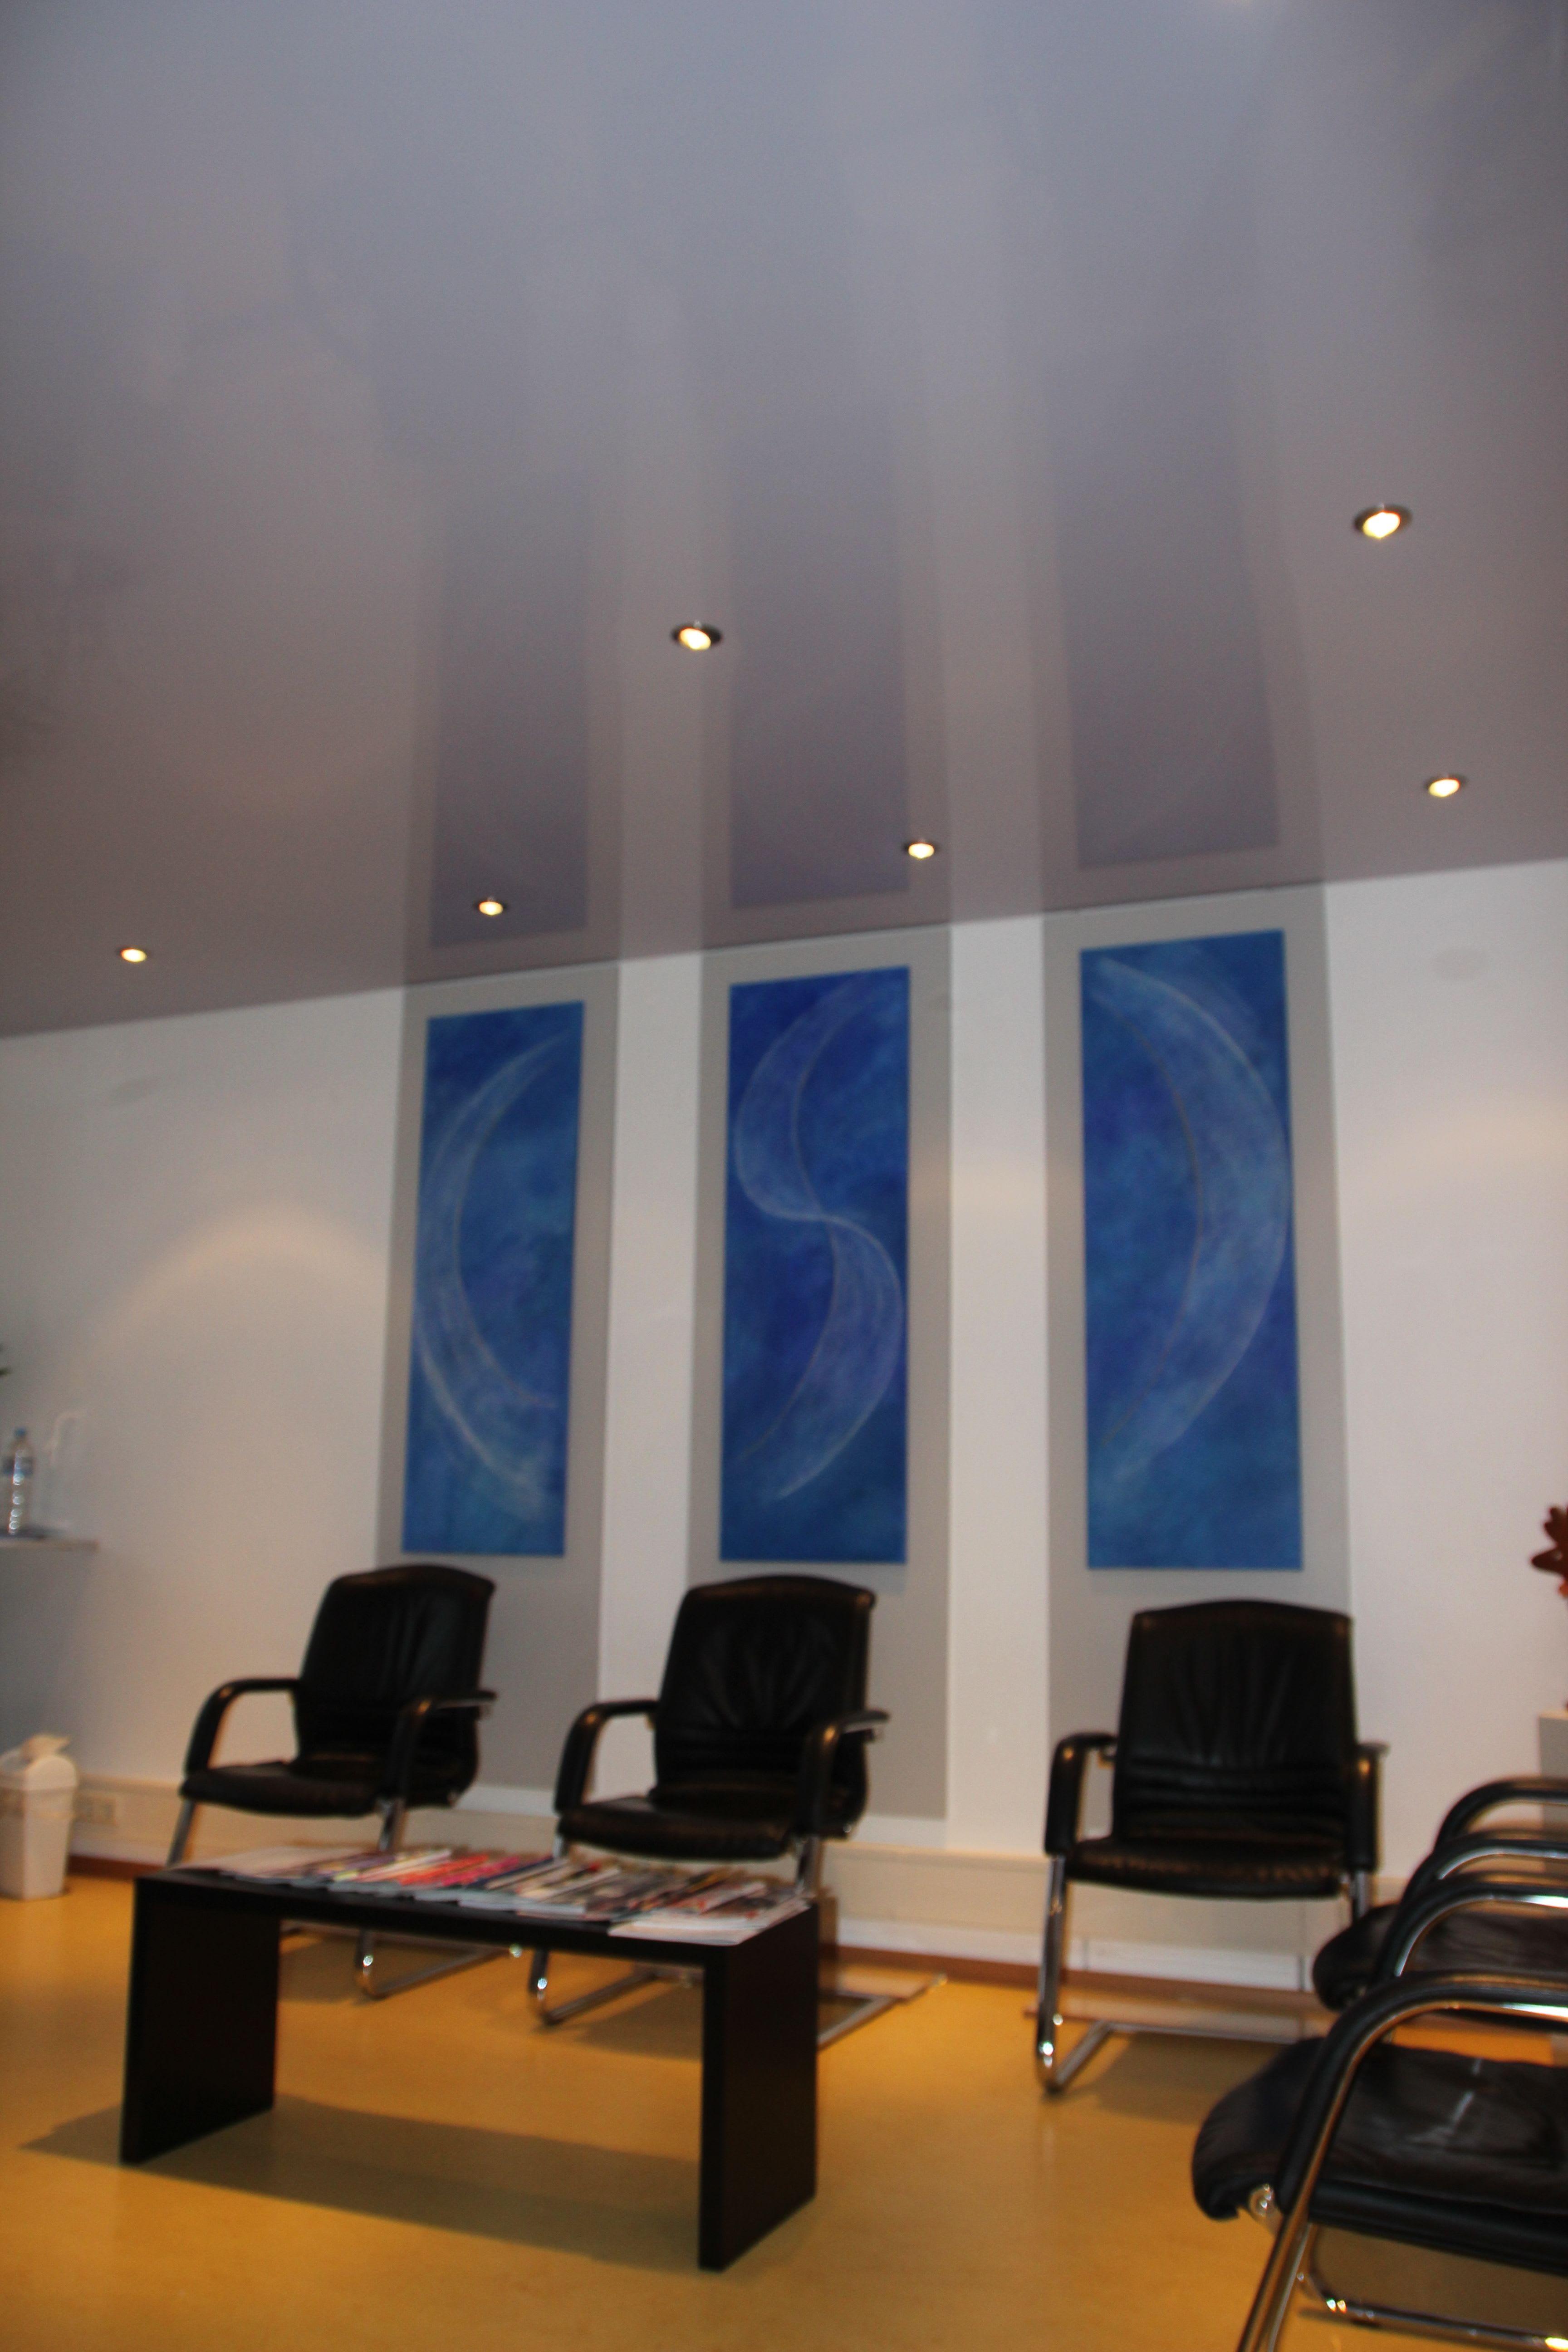 Galerie Wartezimmer weiße hochglanz Decken blaue Bilder Stühle